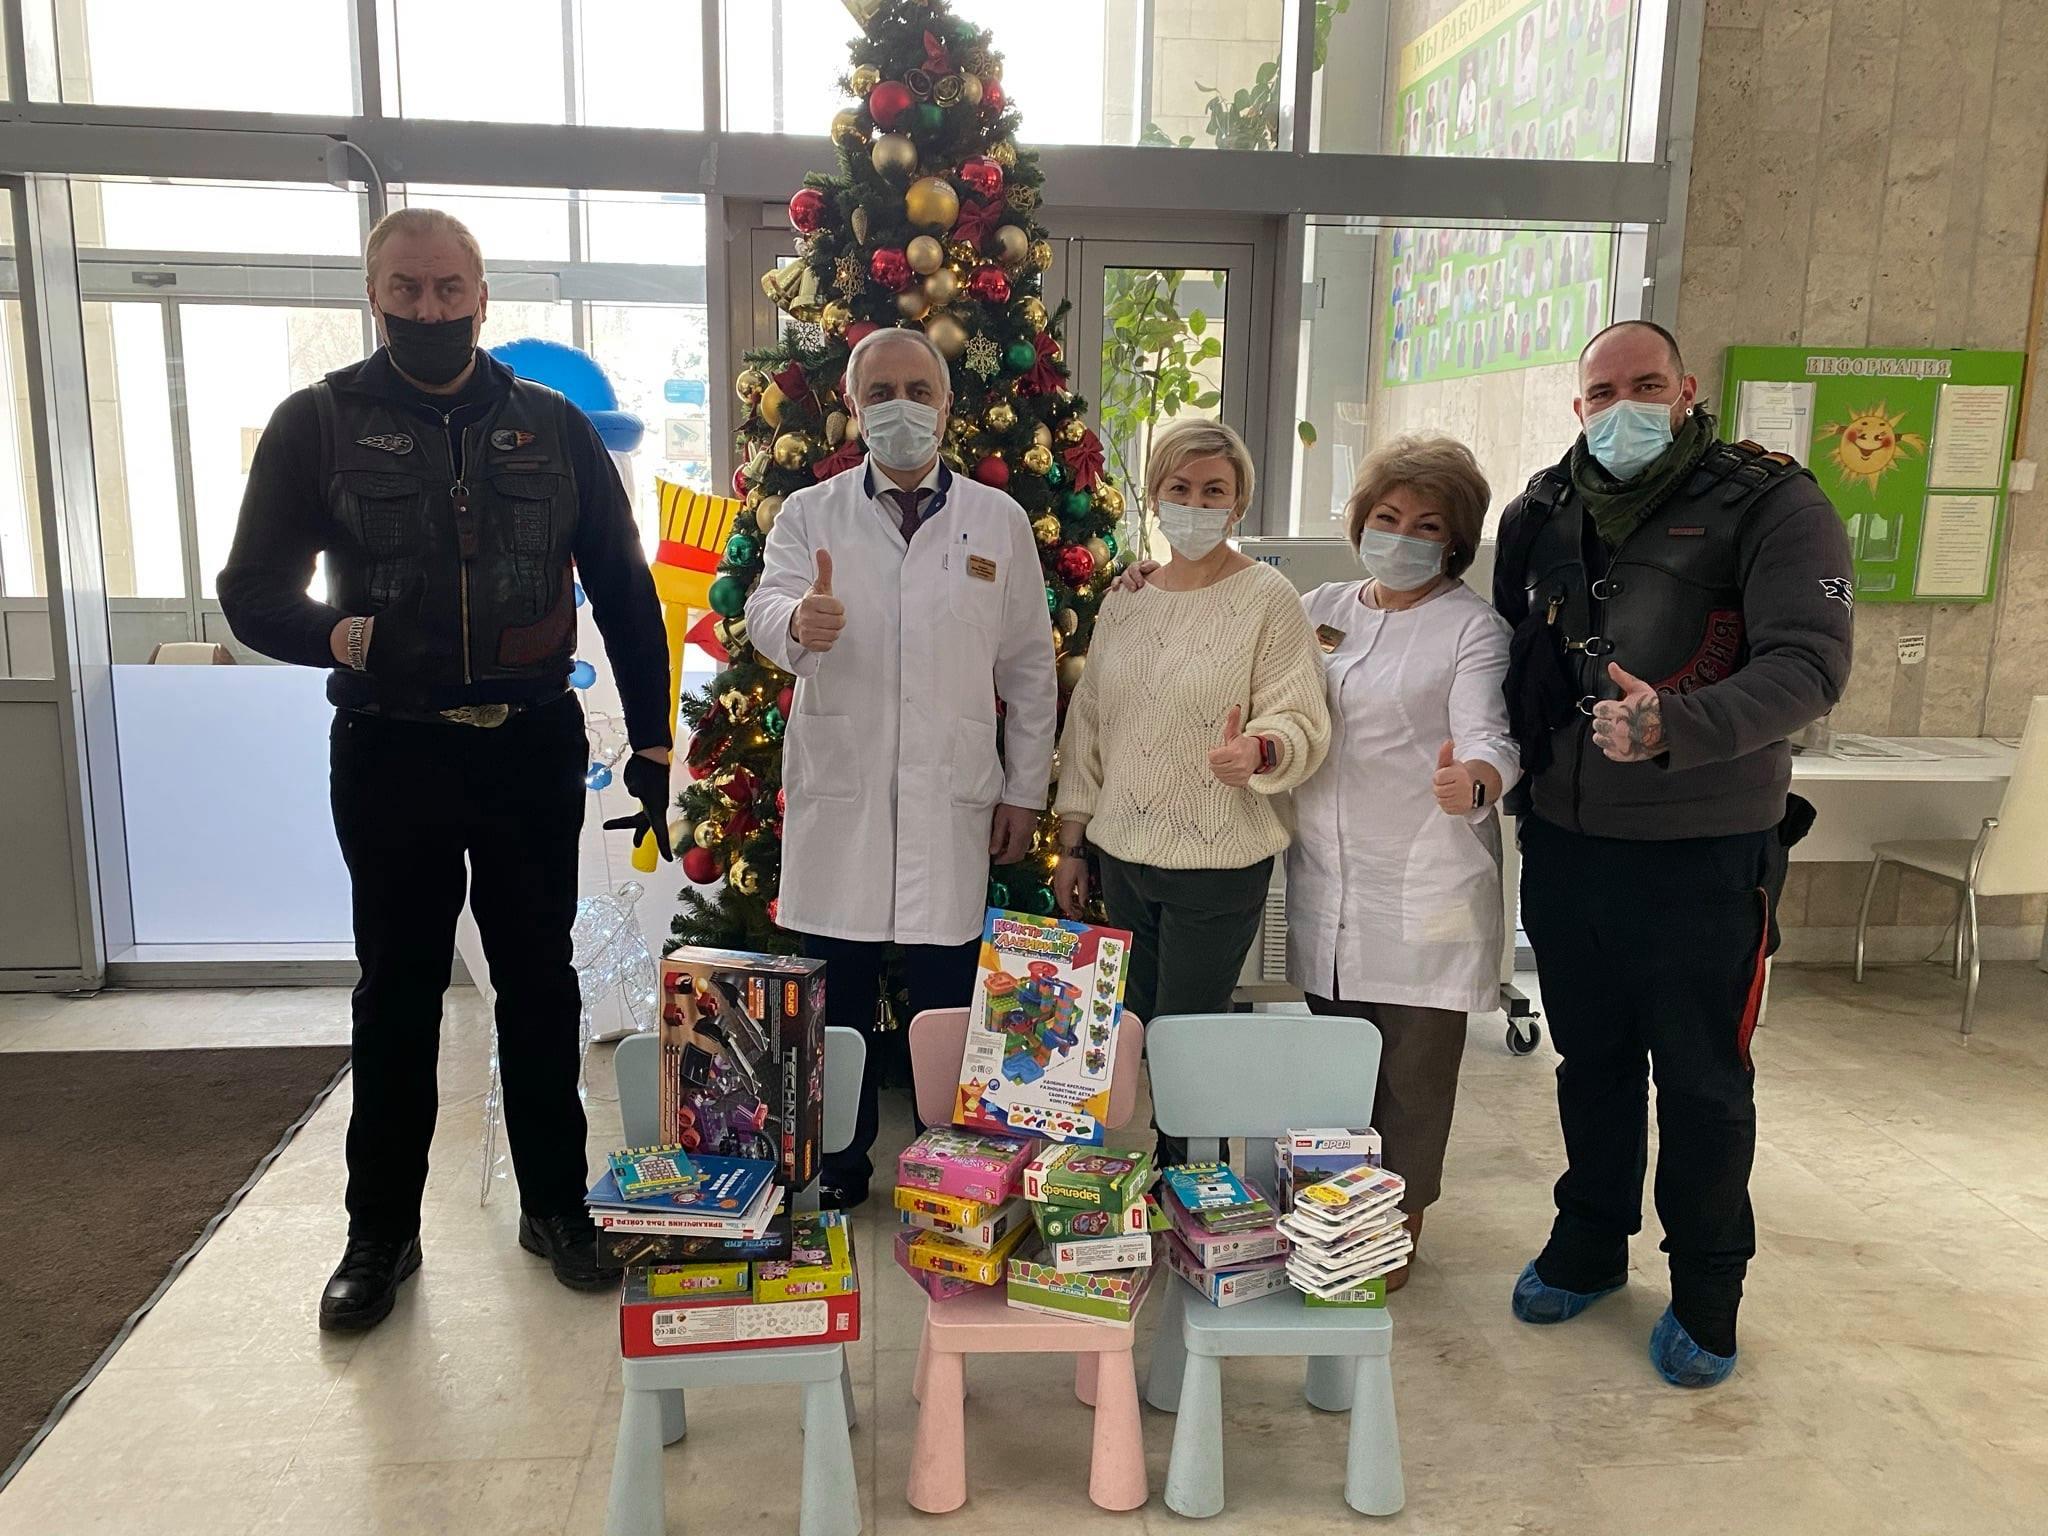 Сегодня в очередной раз нашу больницу посетили наши друзья Ночные Волки и привезли новогоднее подарки для детей.